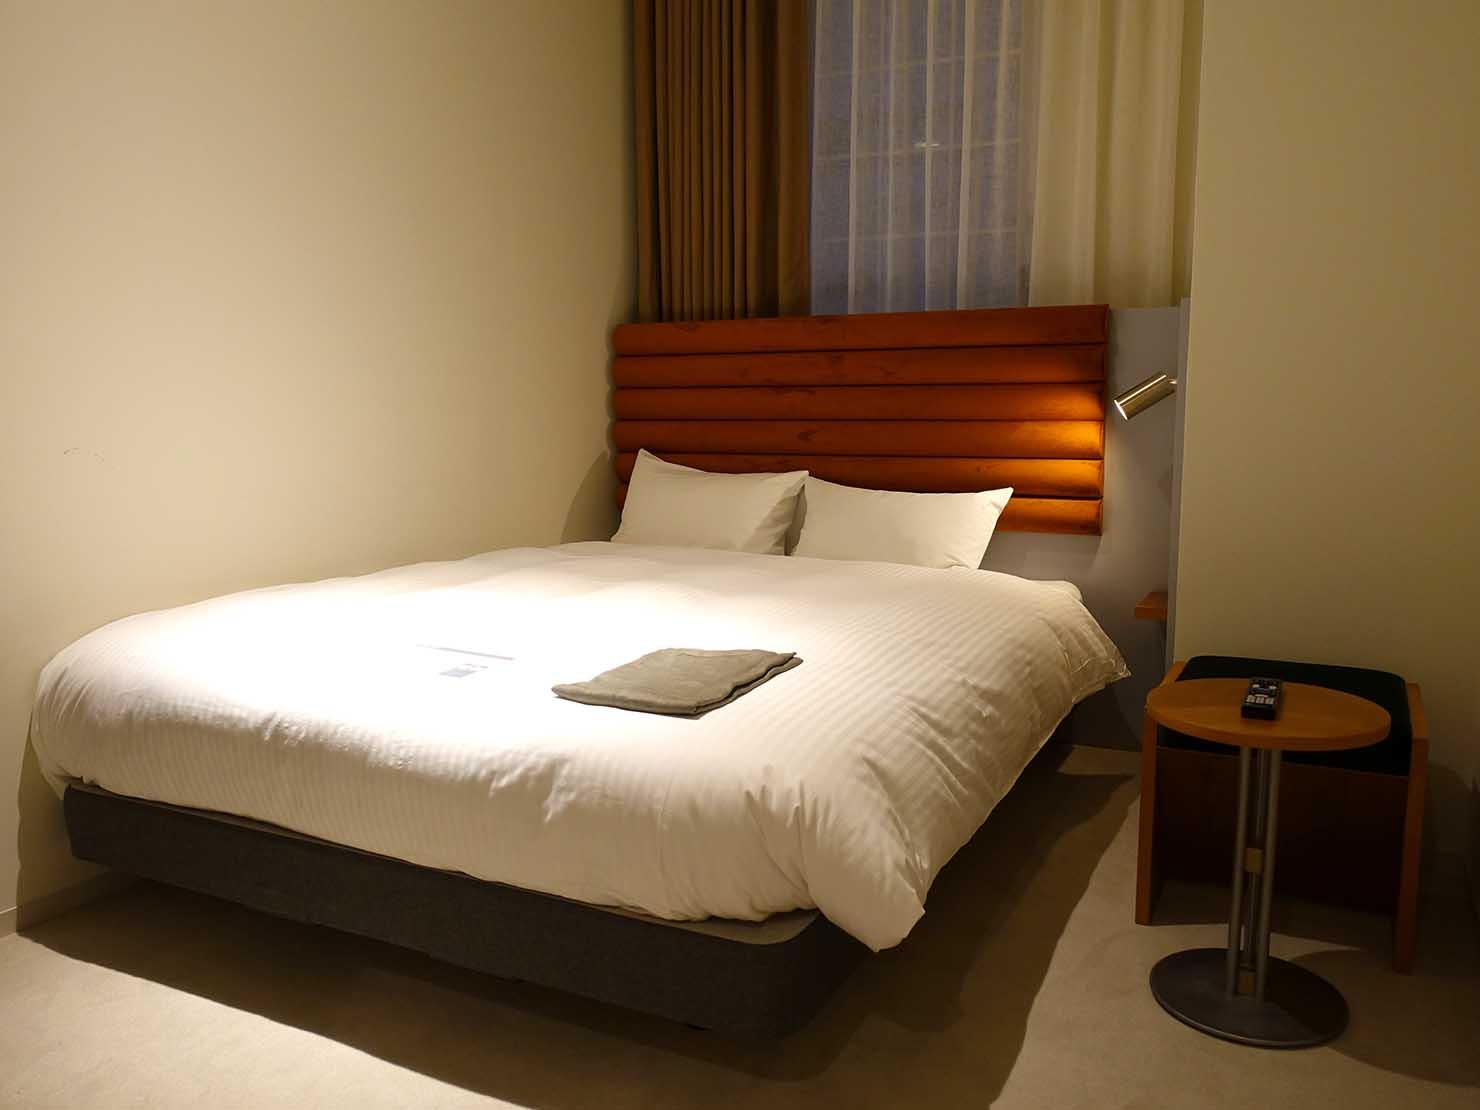 広島・八丁堀のおしゃれなリノベホテル「KIRO広島 The Share Hotels」コンパクトダブルのベッド